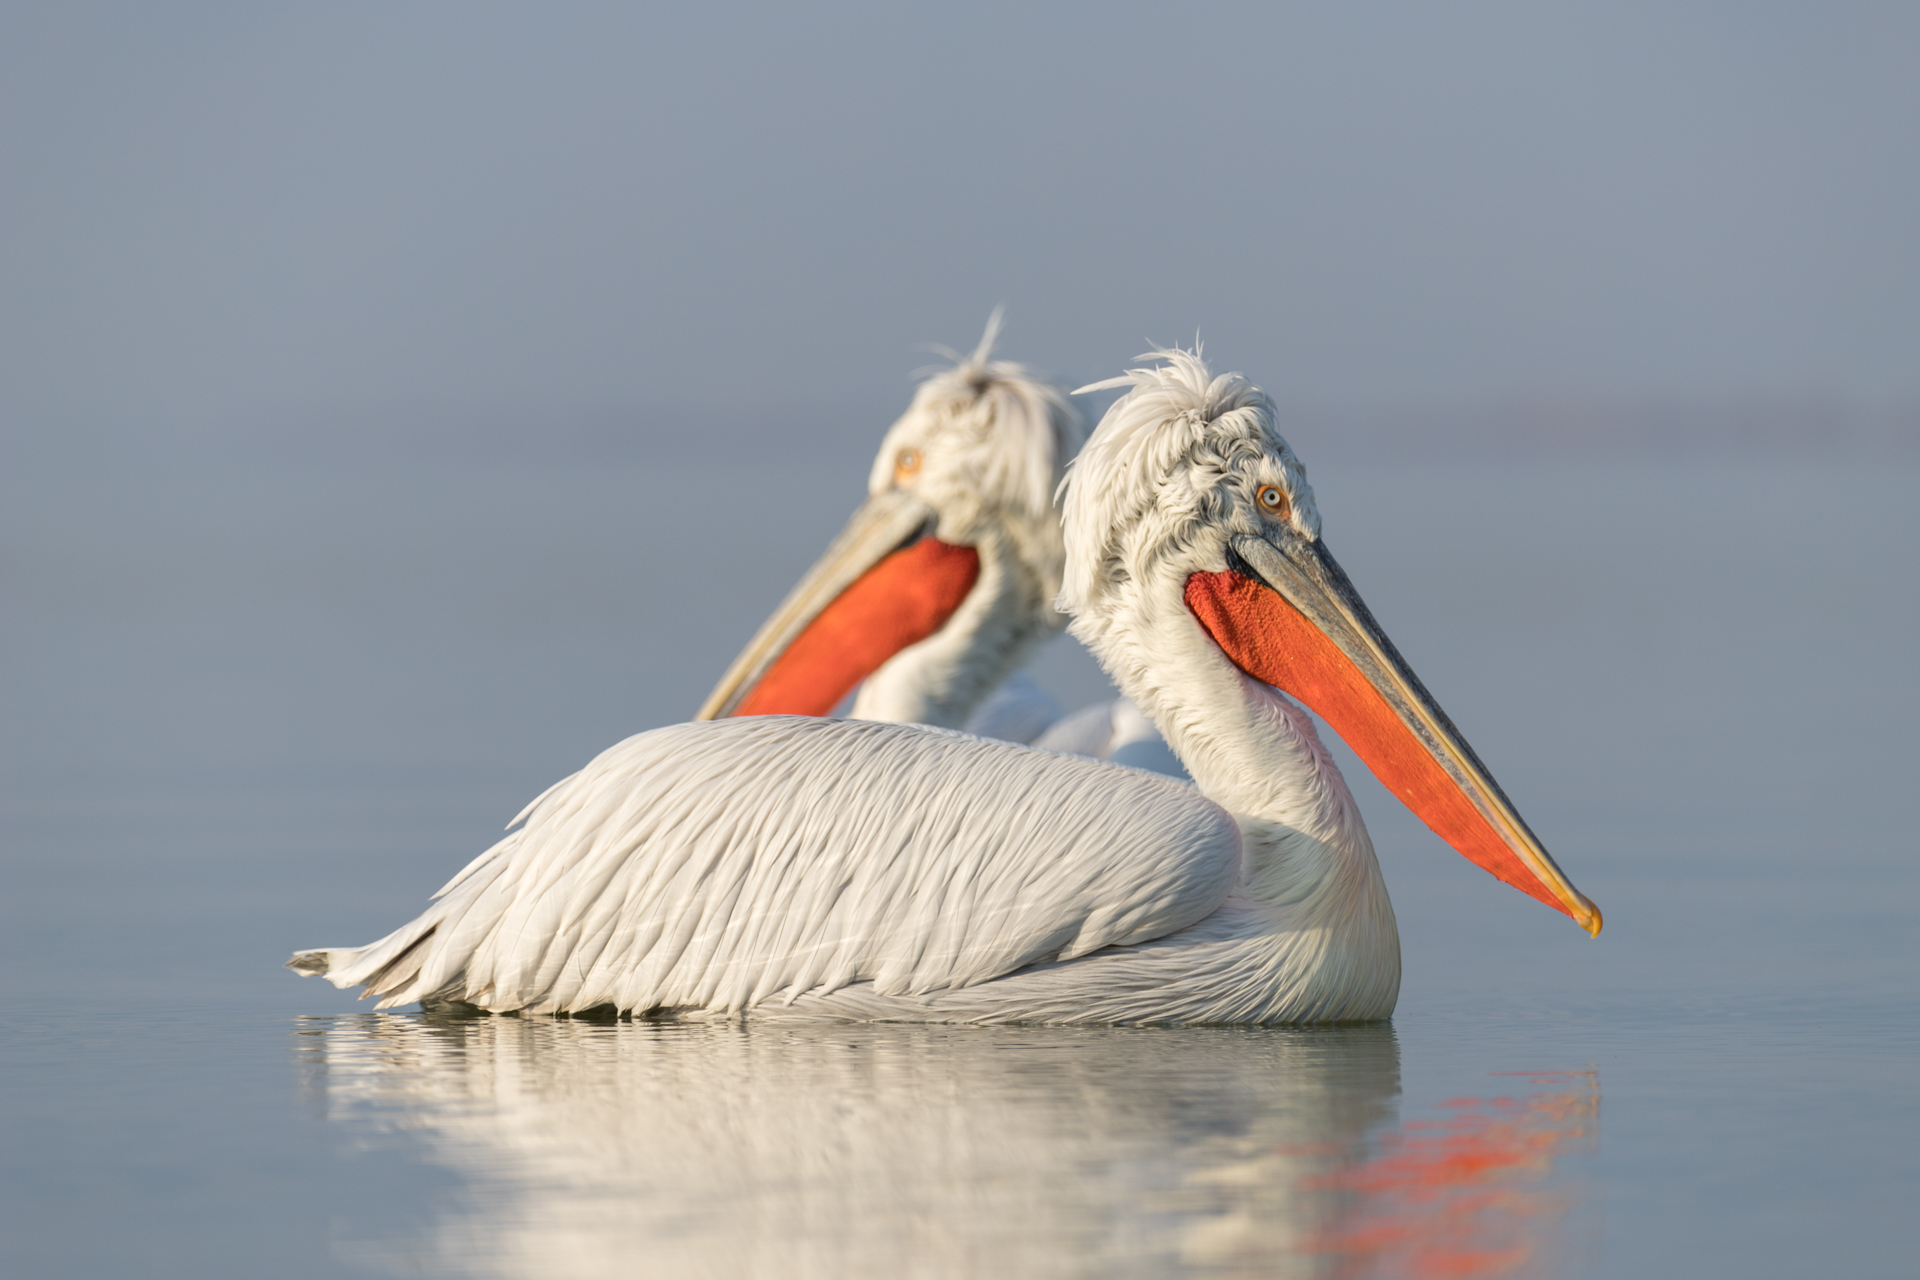 Pelikany kędzierzawe / Dalmatian pelicans, Kerkini Lake 2018 - 8